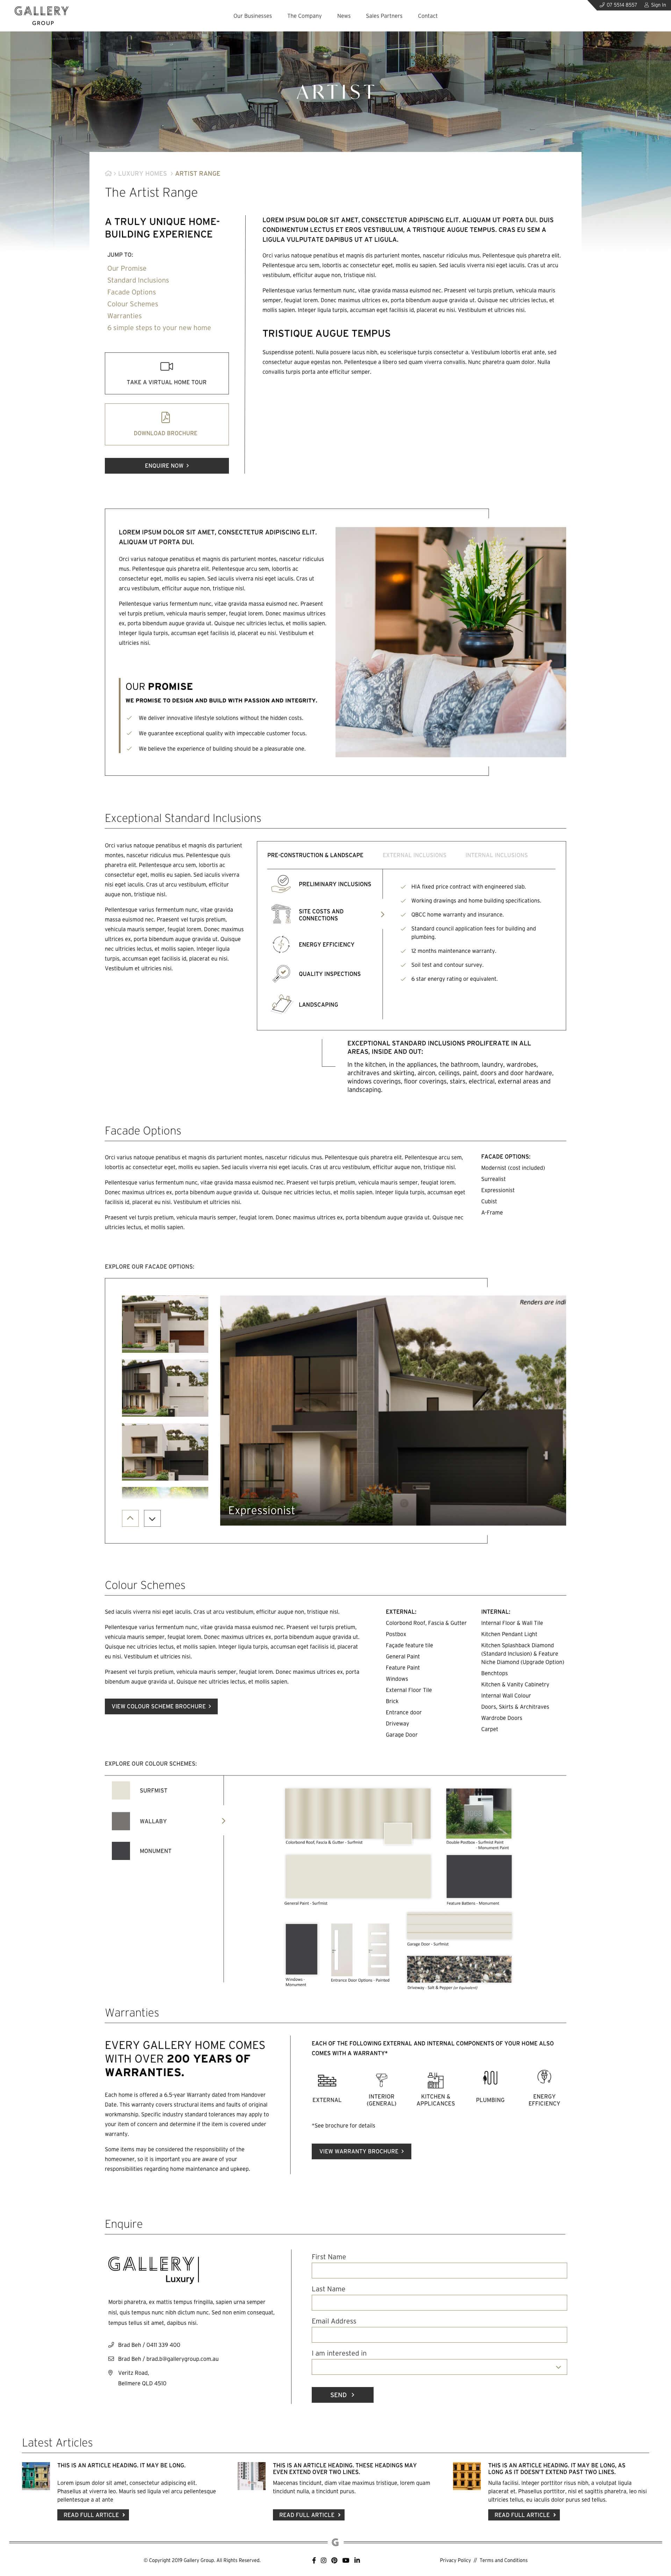 Gallery Group - Gallery Homes - Luxury Homes - Range Detail (Desktop)